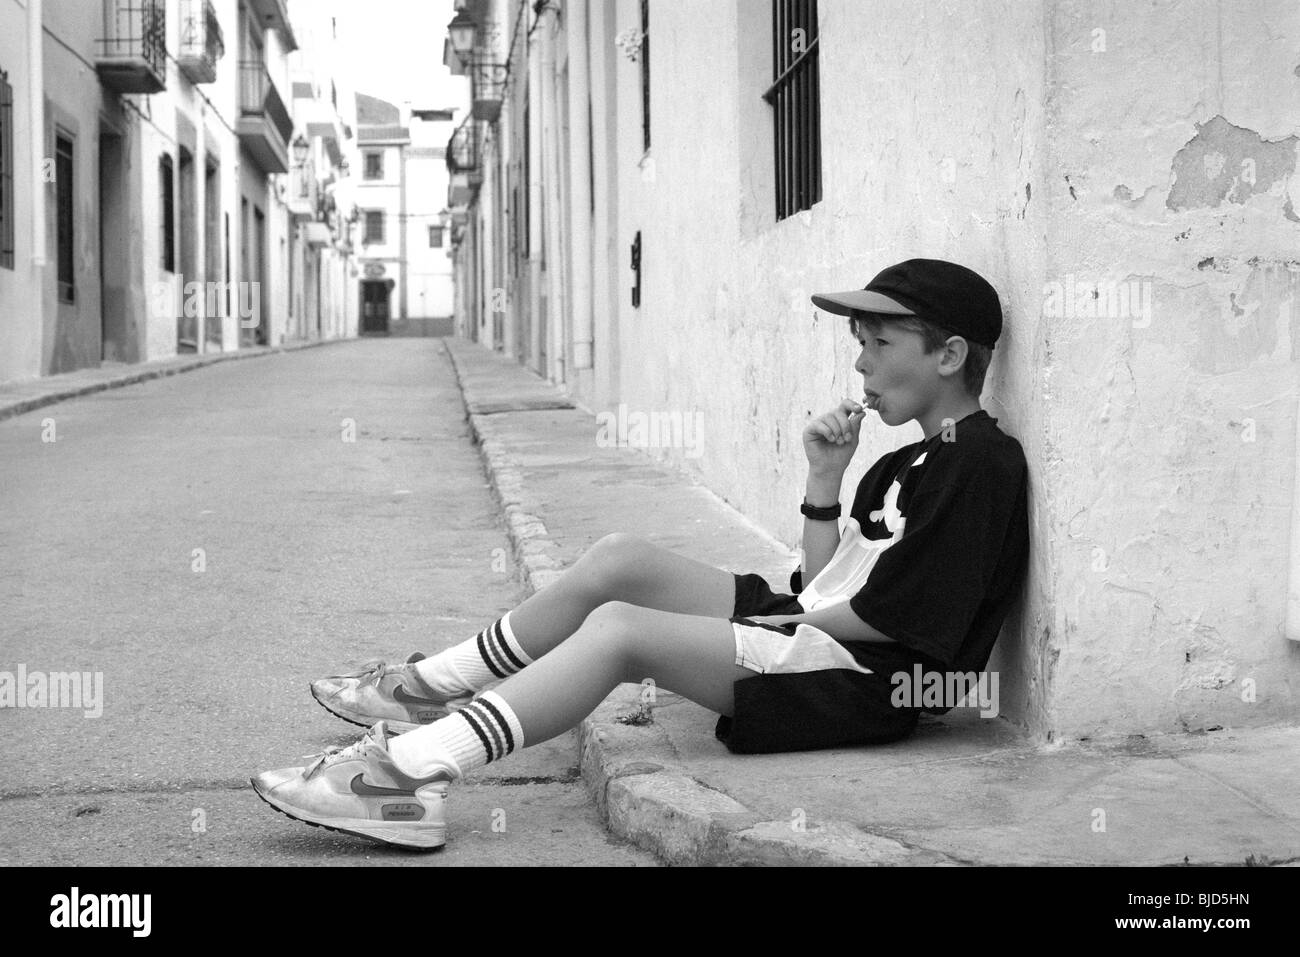 Kleiner Junge mit Baseballmütze saugen Lollipop in Javea, Spanien Stockbild